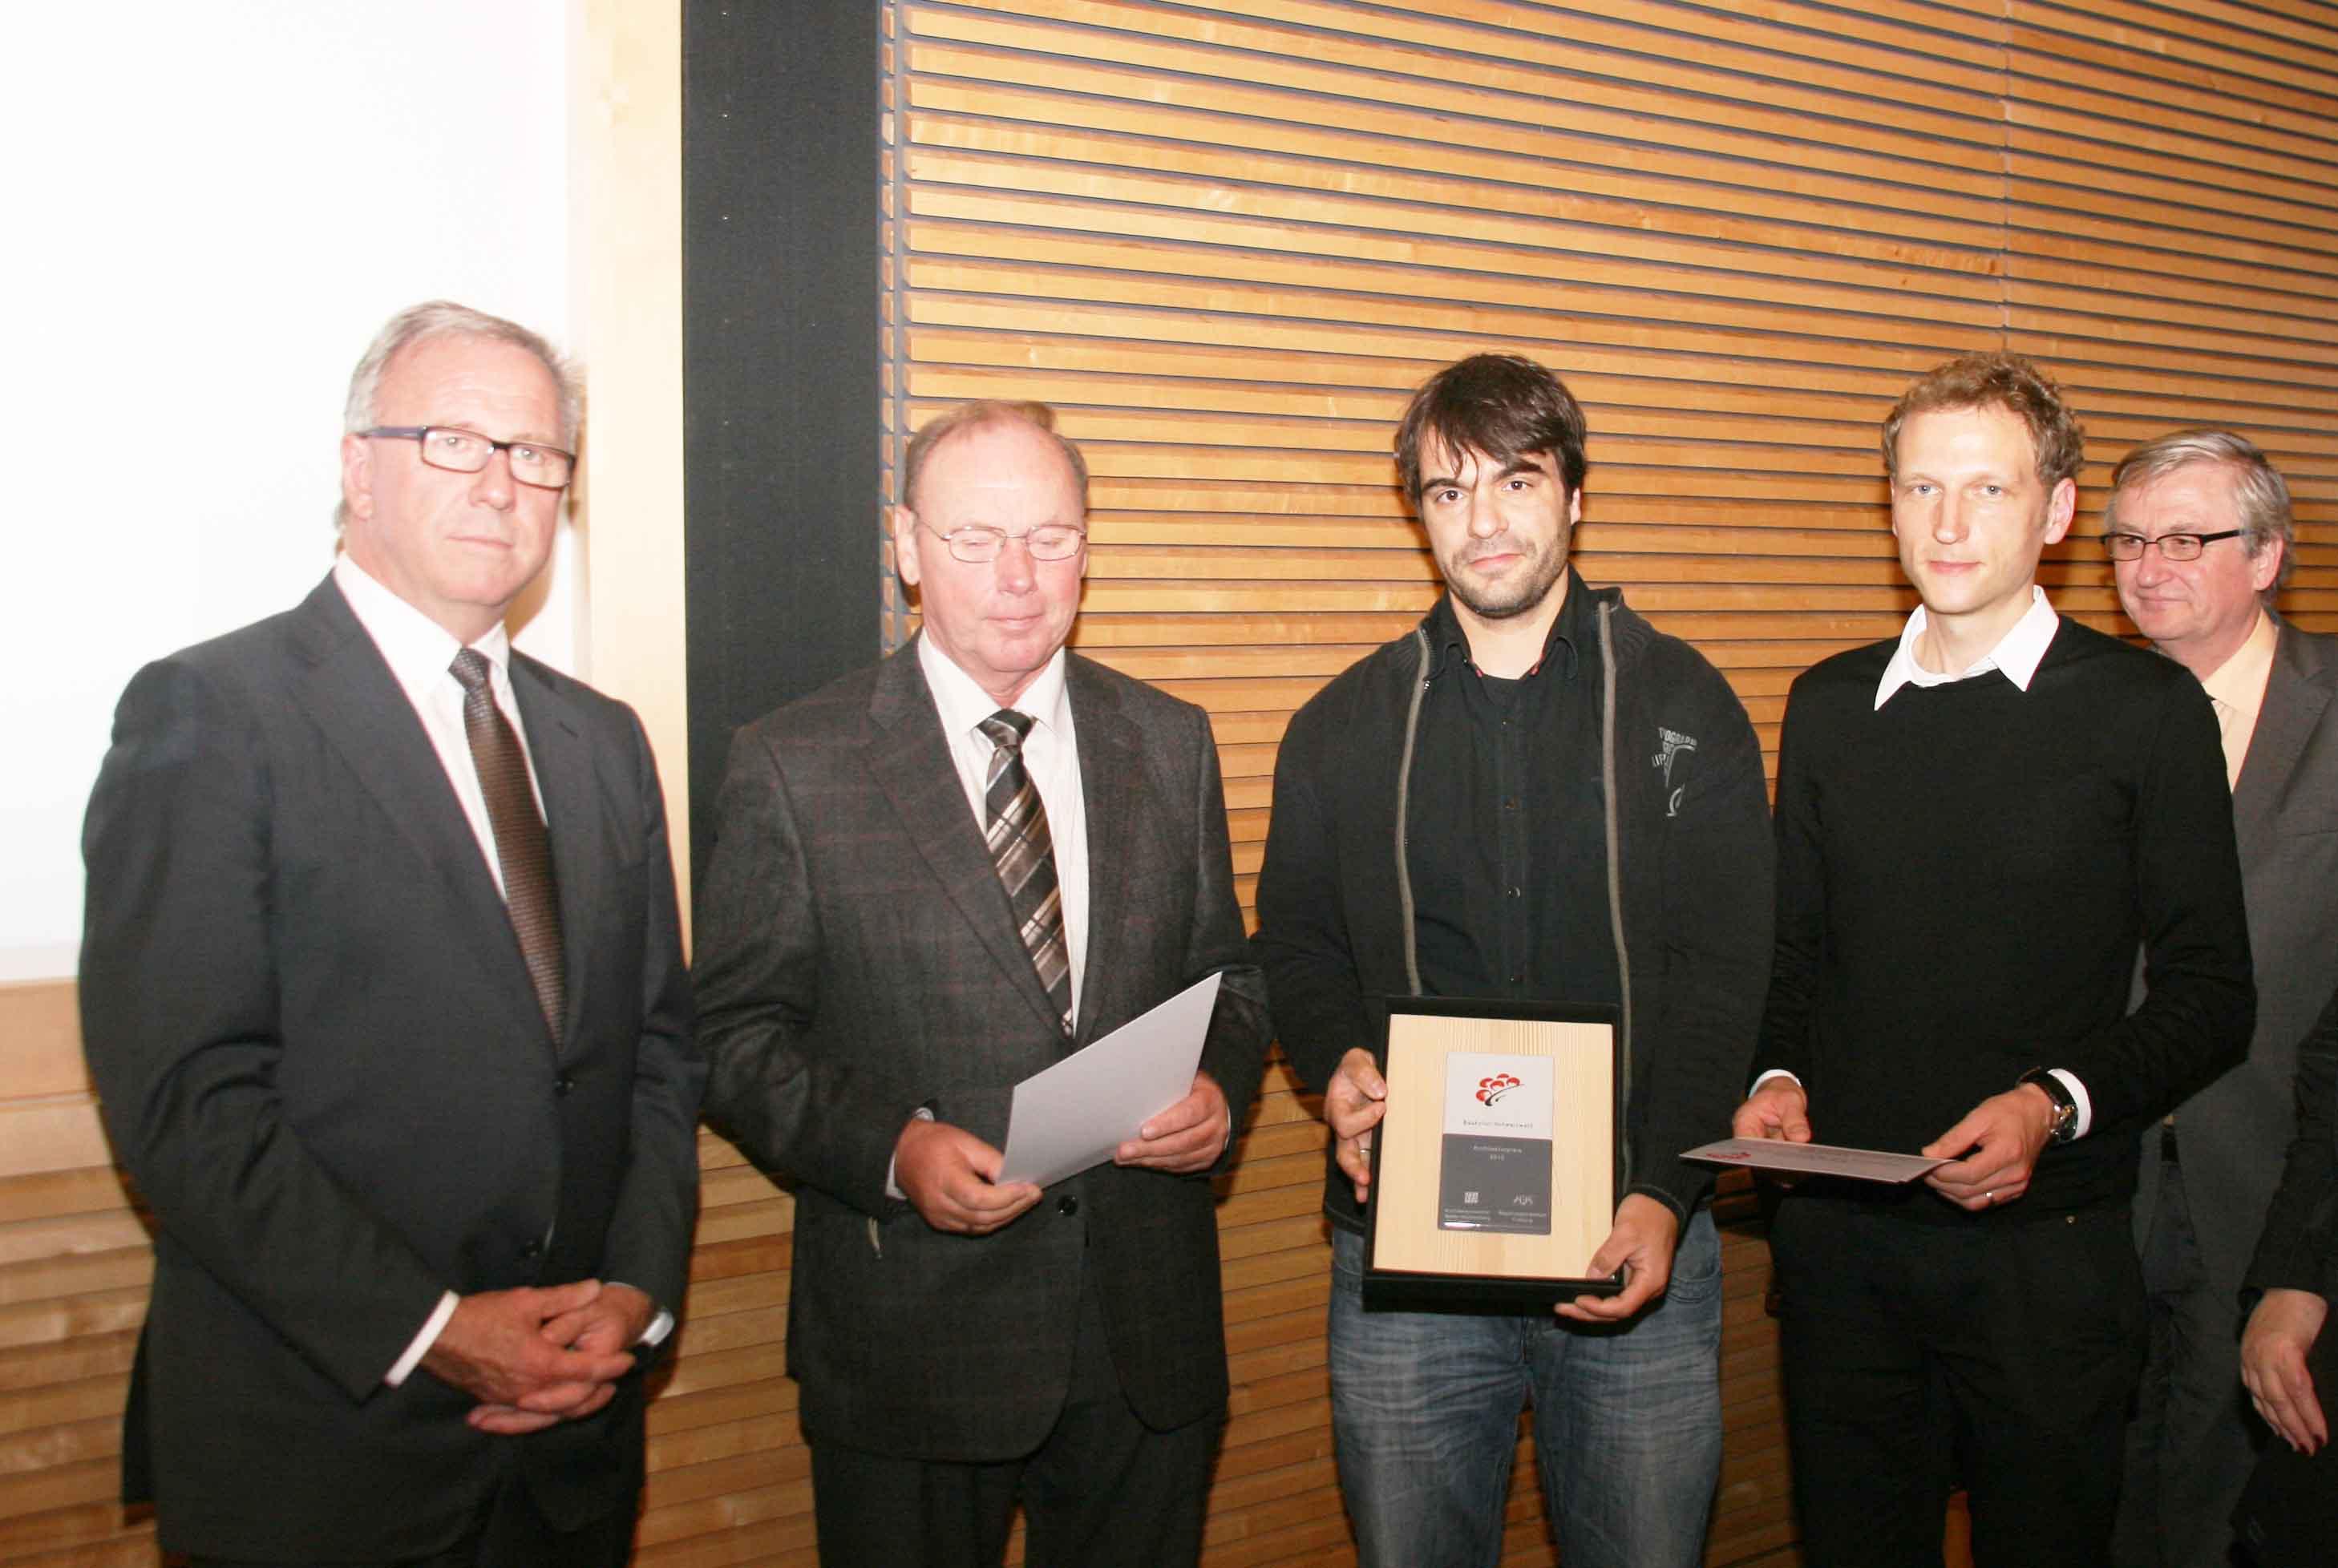 preisverleihung architekturwettbewerb architekturbuero